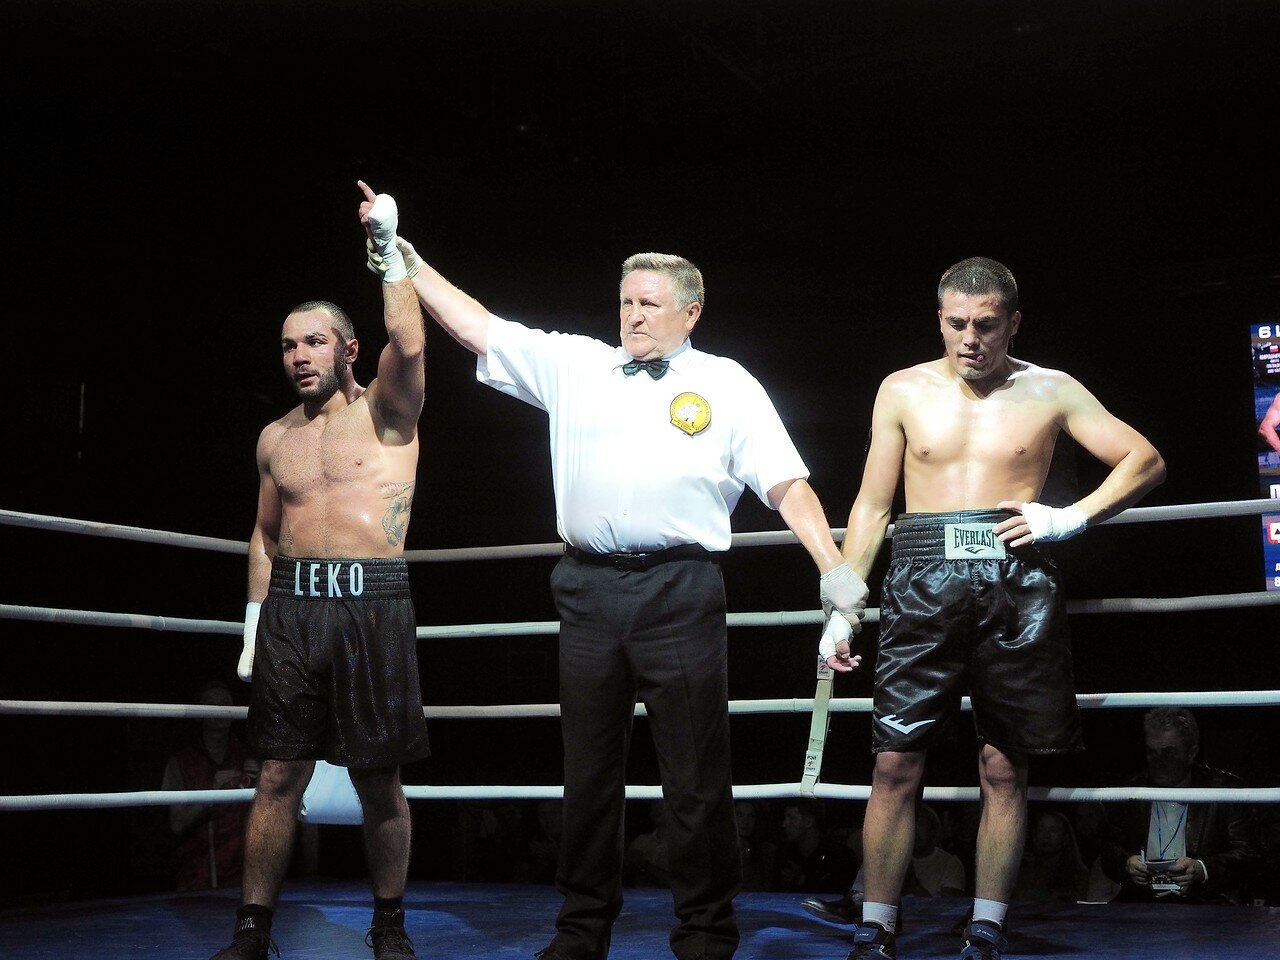 46 Вечер профессионального бокса в Магнитогорске 06.07.2017